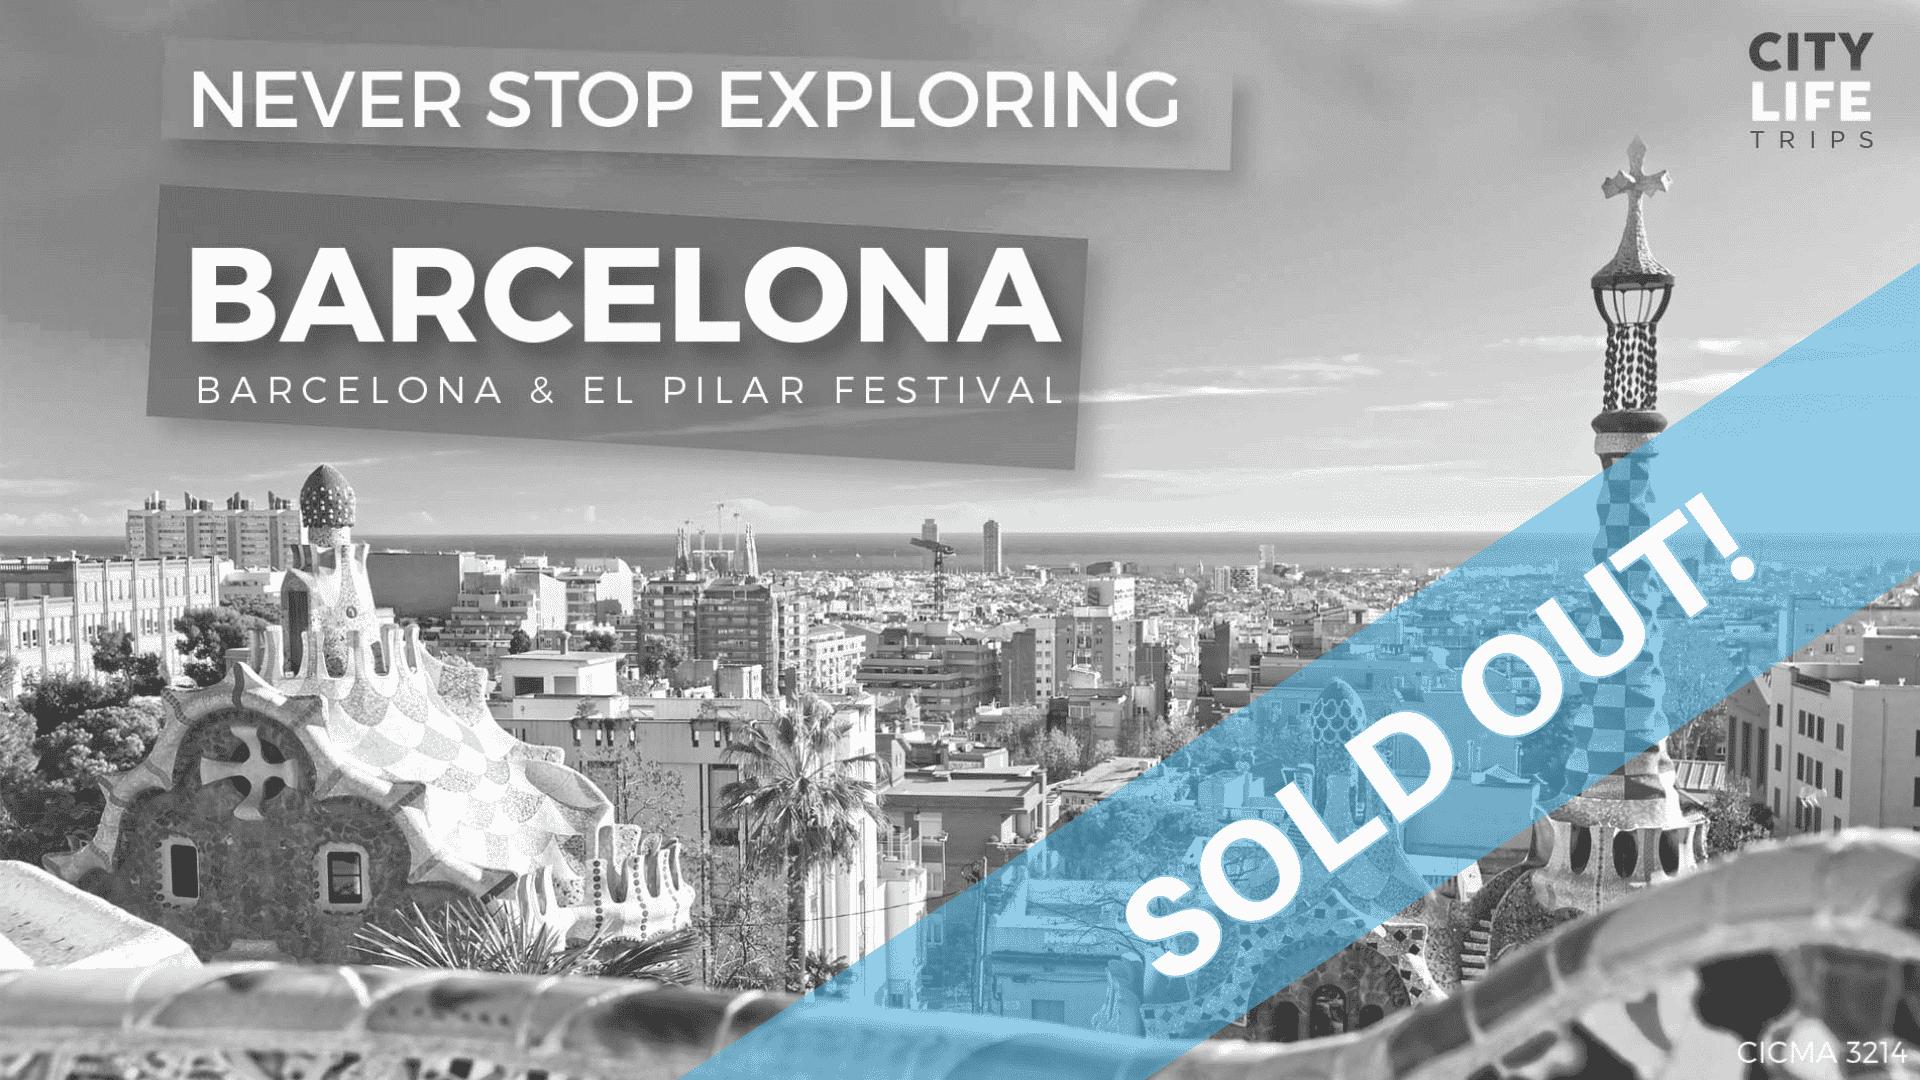 Barcelona – Barcelona & El Pilar Festival (Zaragoza)